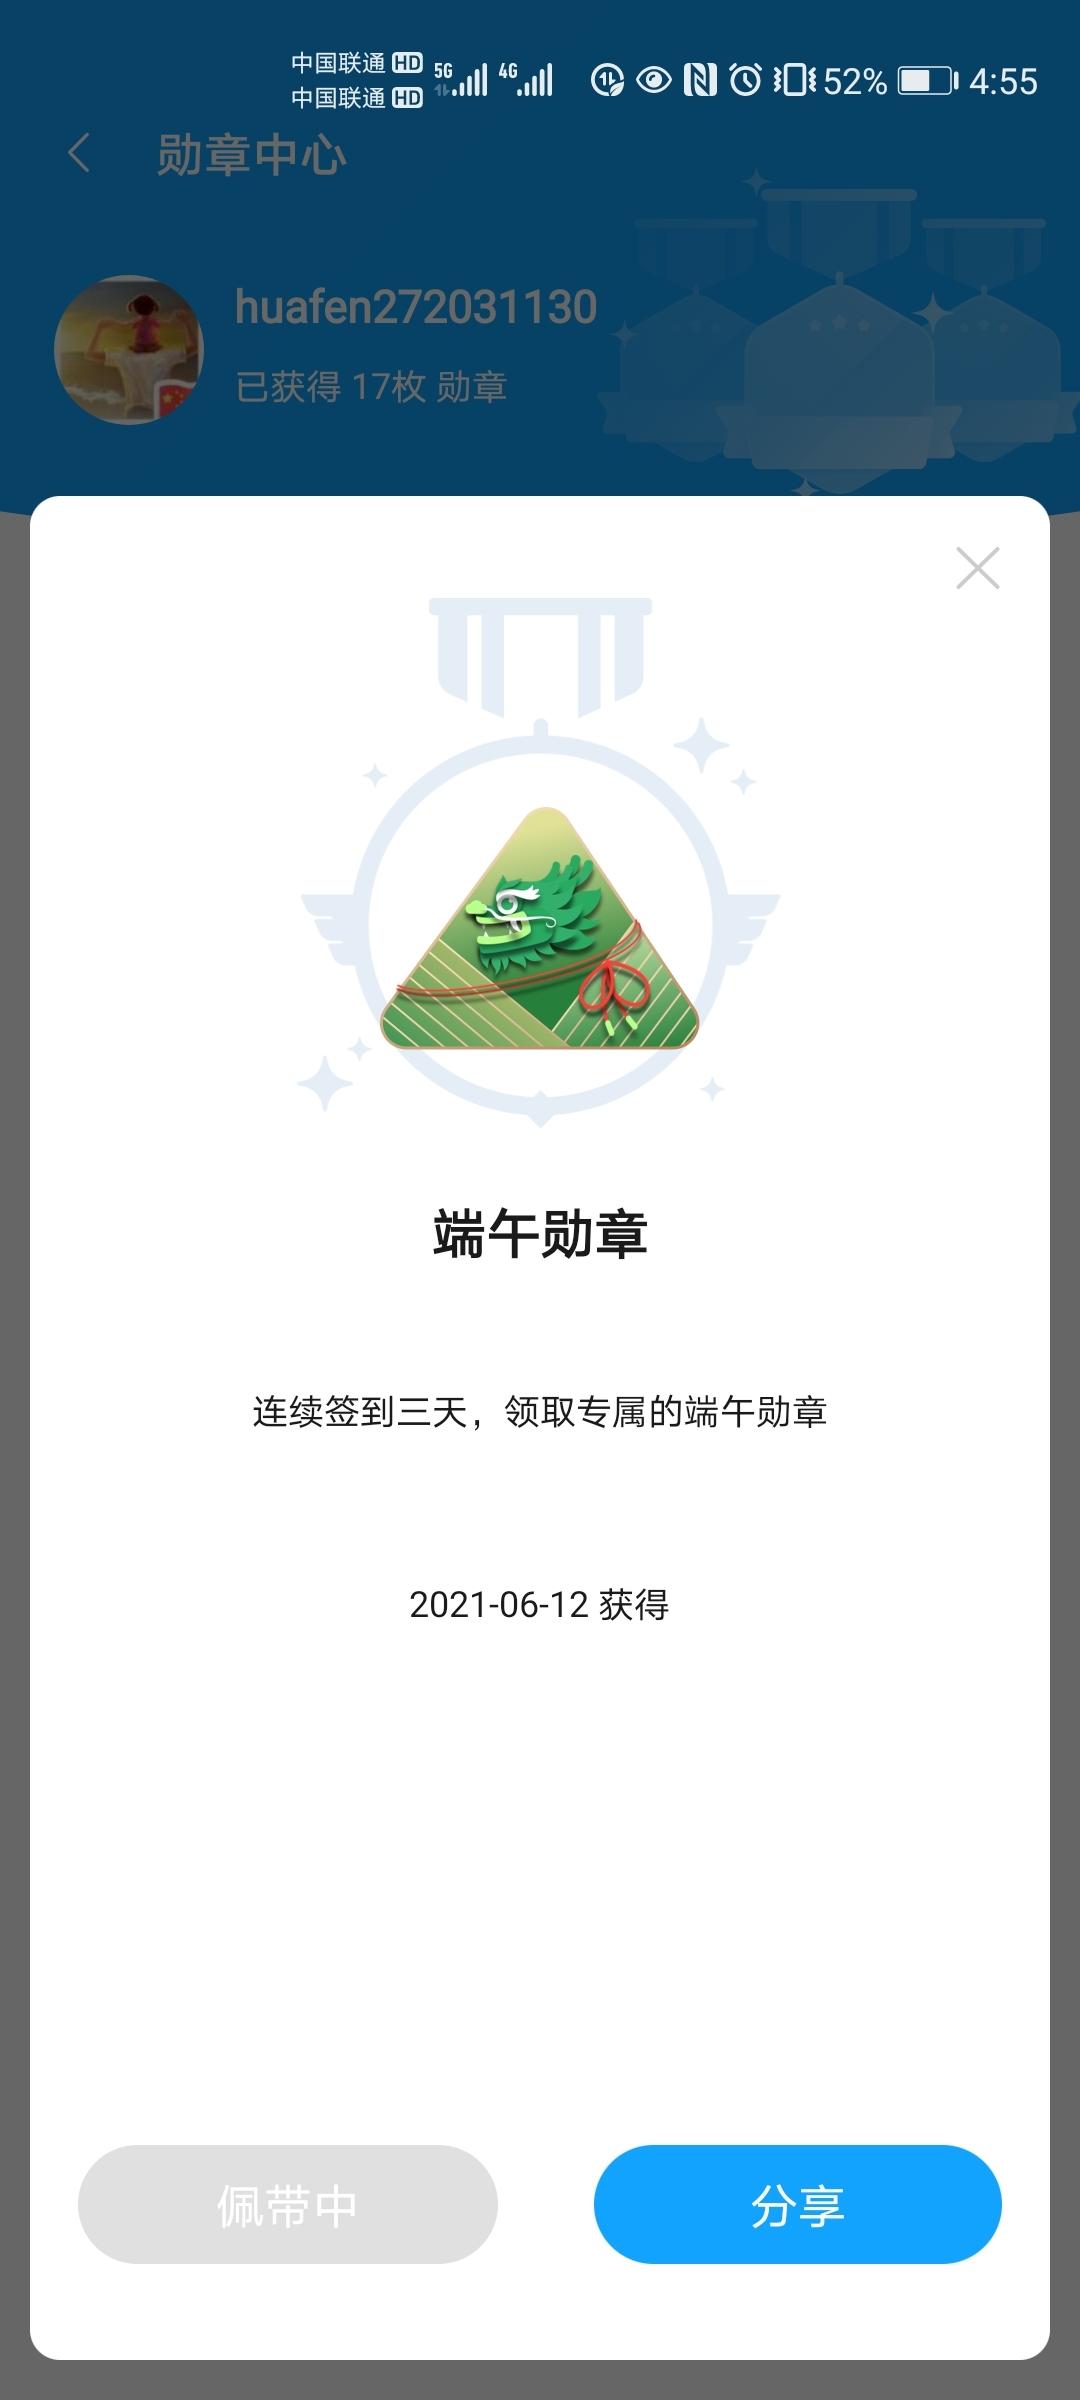 Screenshot_20210612_045514_com.huawei.fans.jpg